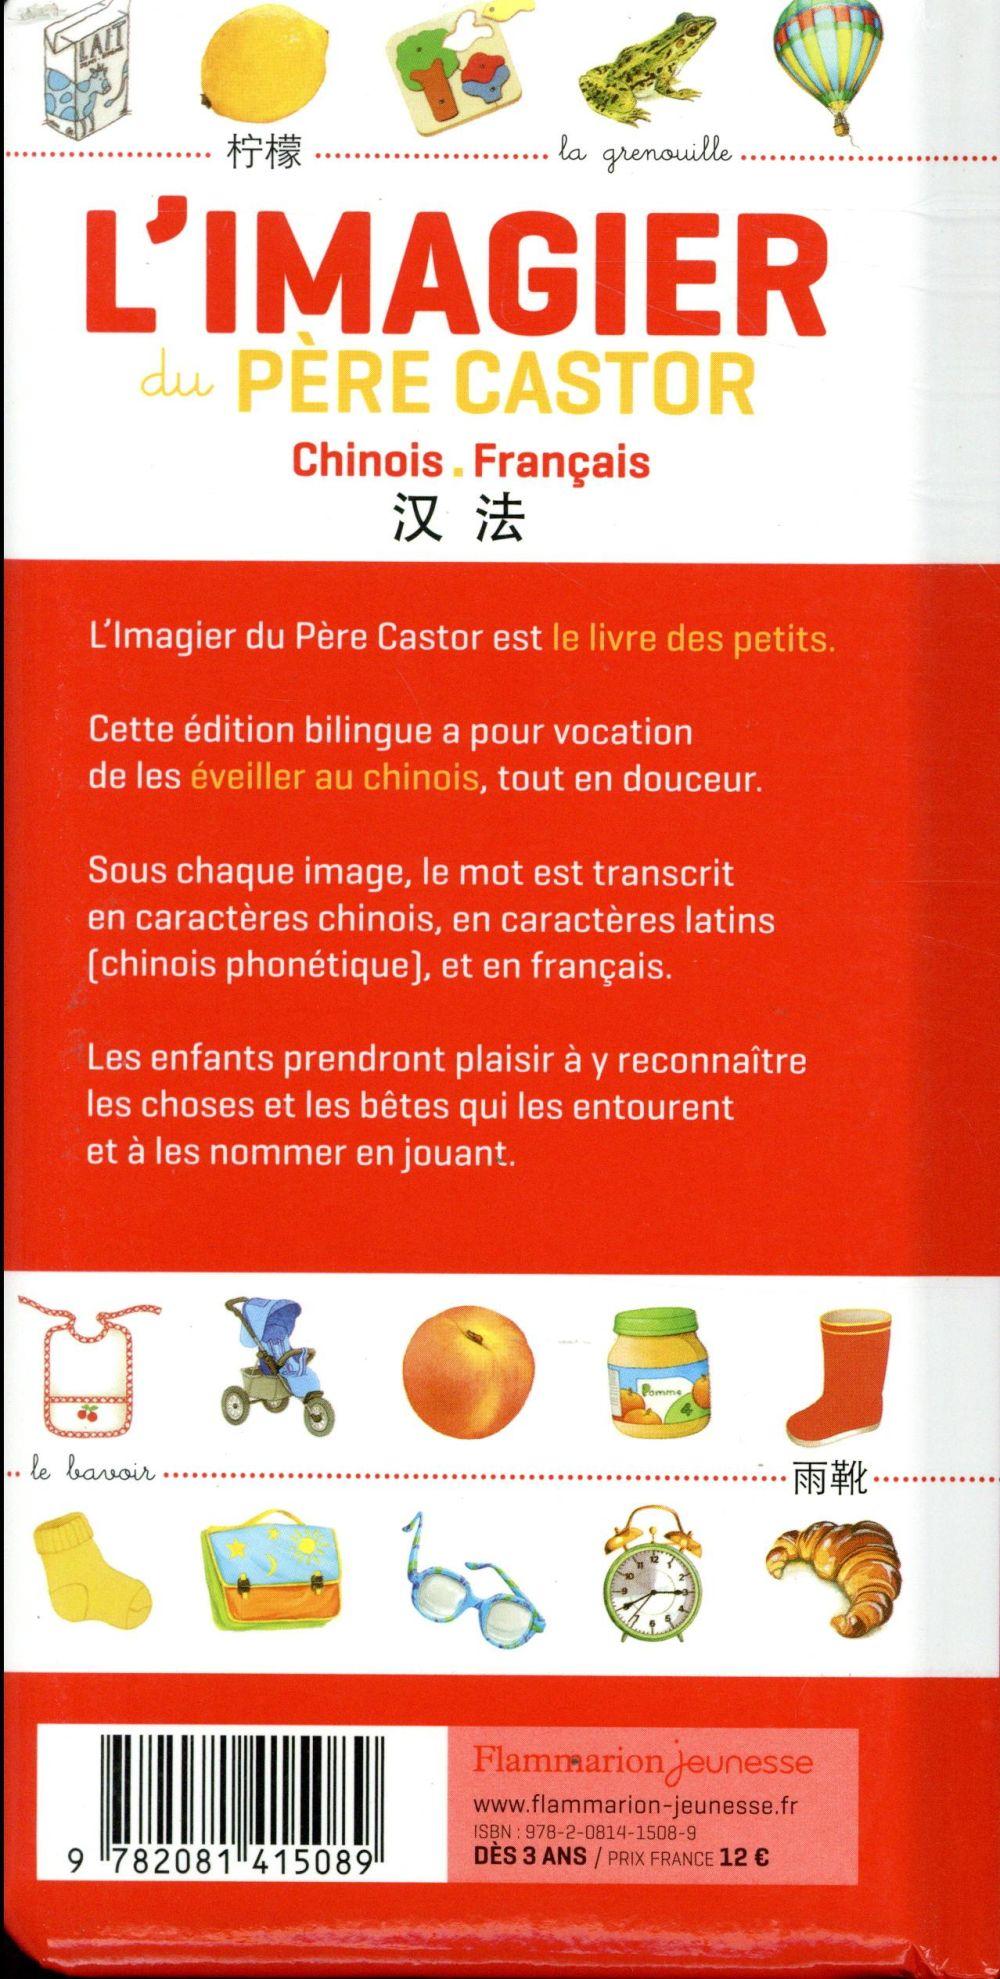 L'imagier du Père Castor ; chinois/français